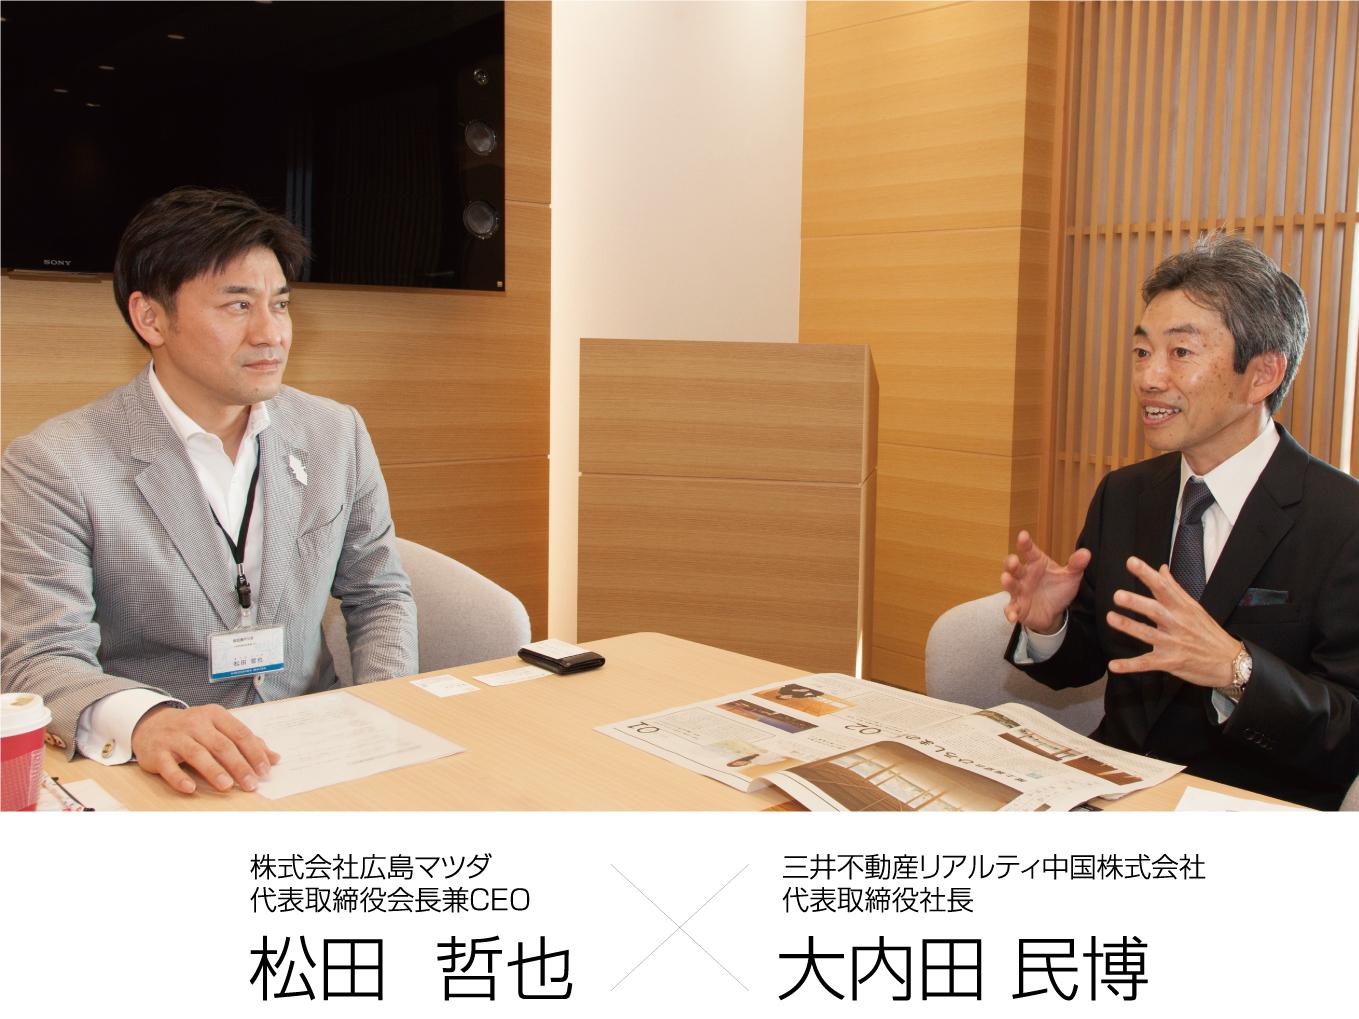 地域貢献から考える 広島の活性化。